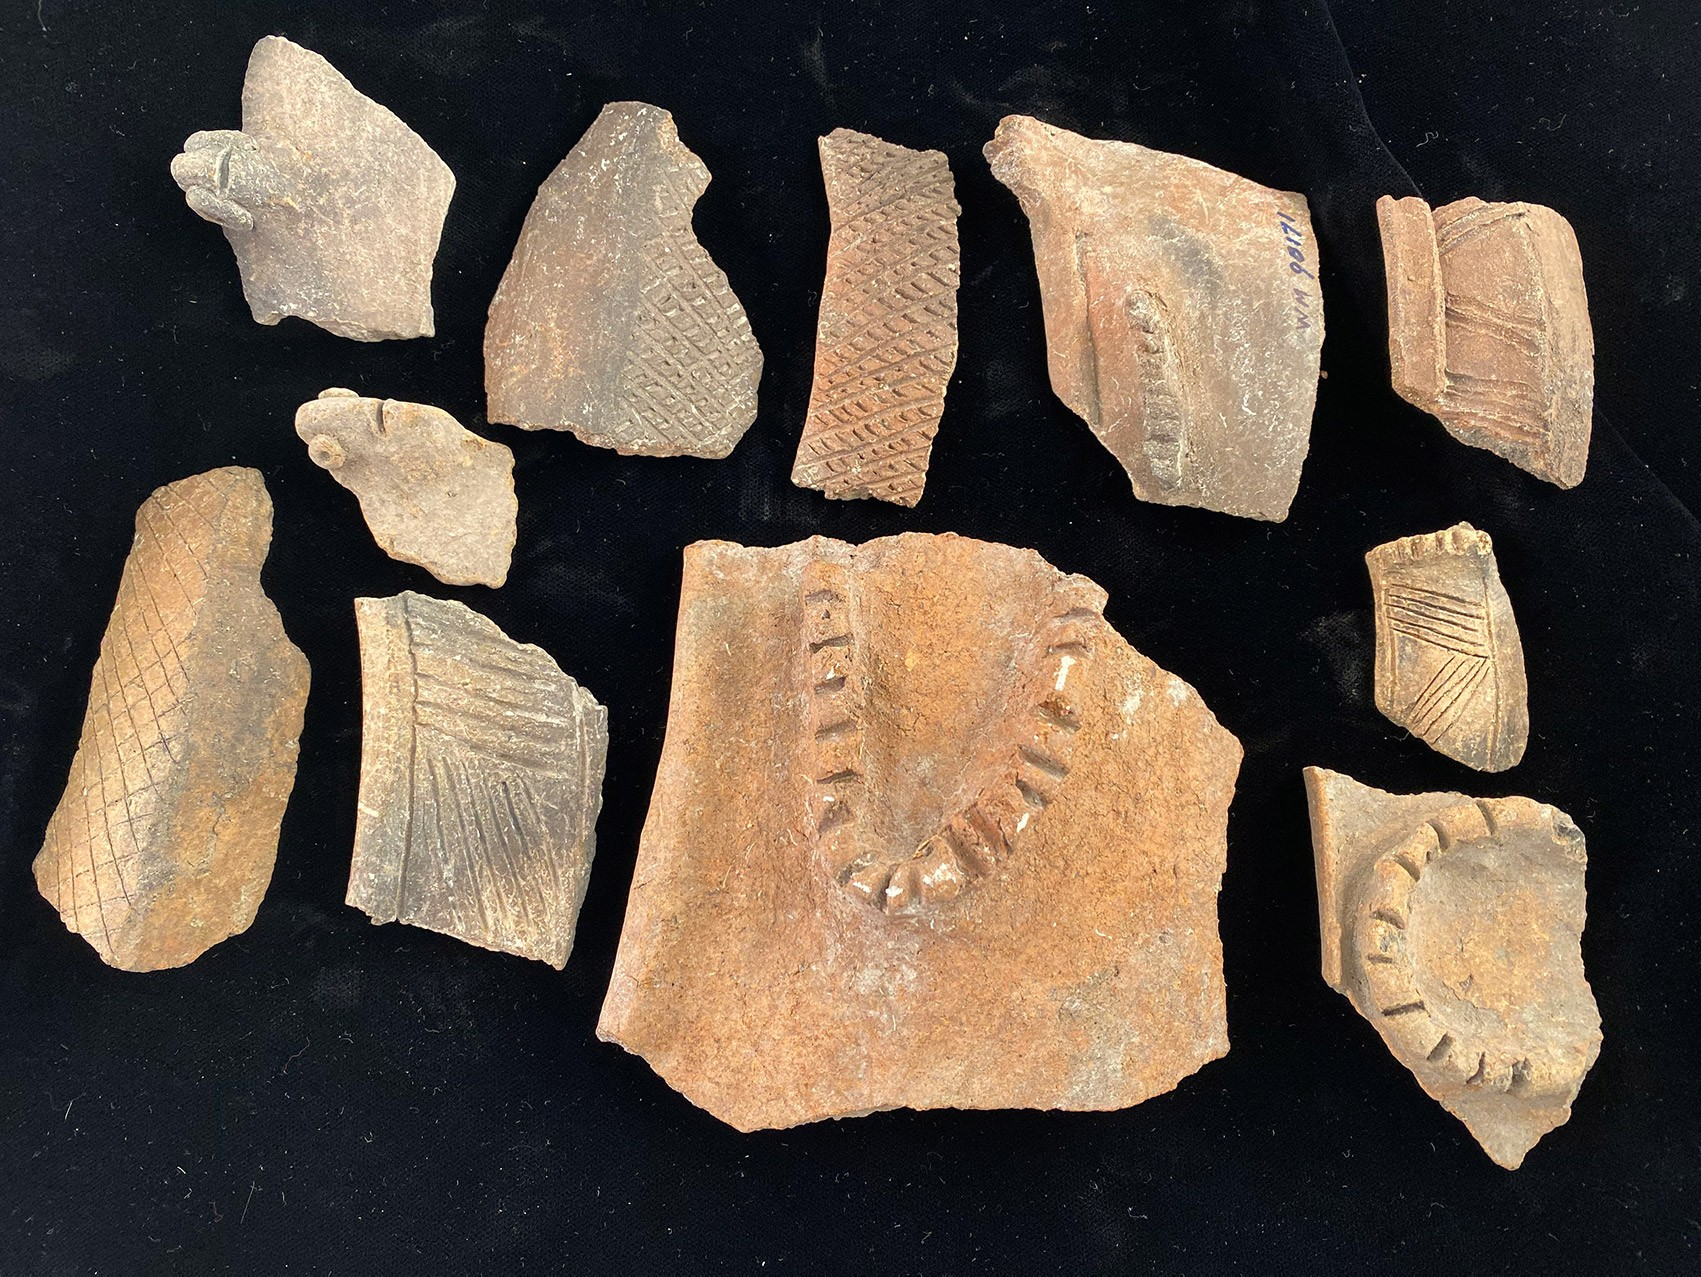 Descobertas foram confirmadas por evidências arqueológicas anteriores. Acima, pedaços de cerâmica encontrados na região (Foto: WILLIAM KEEGAN/Nature)